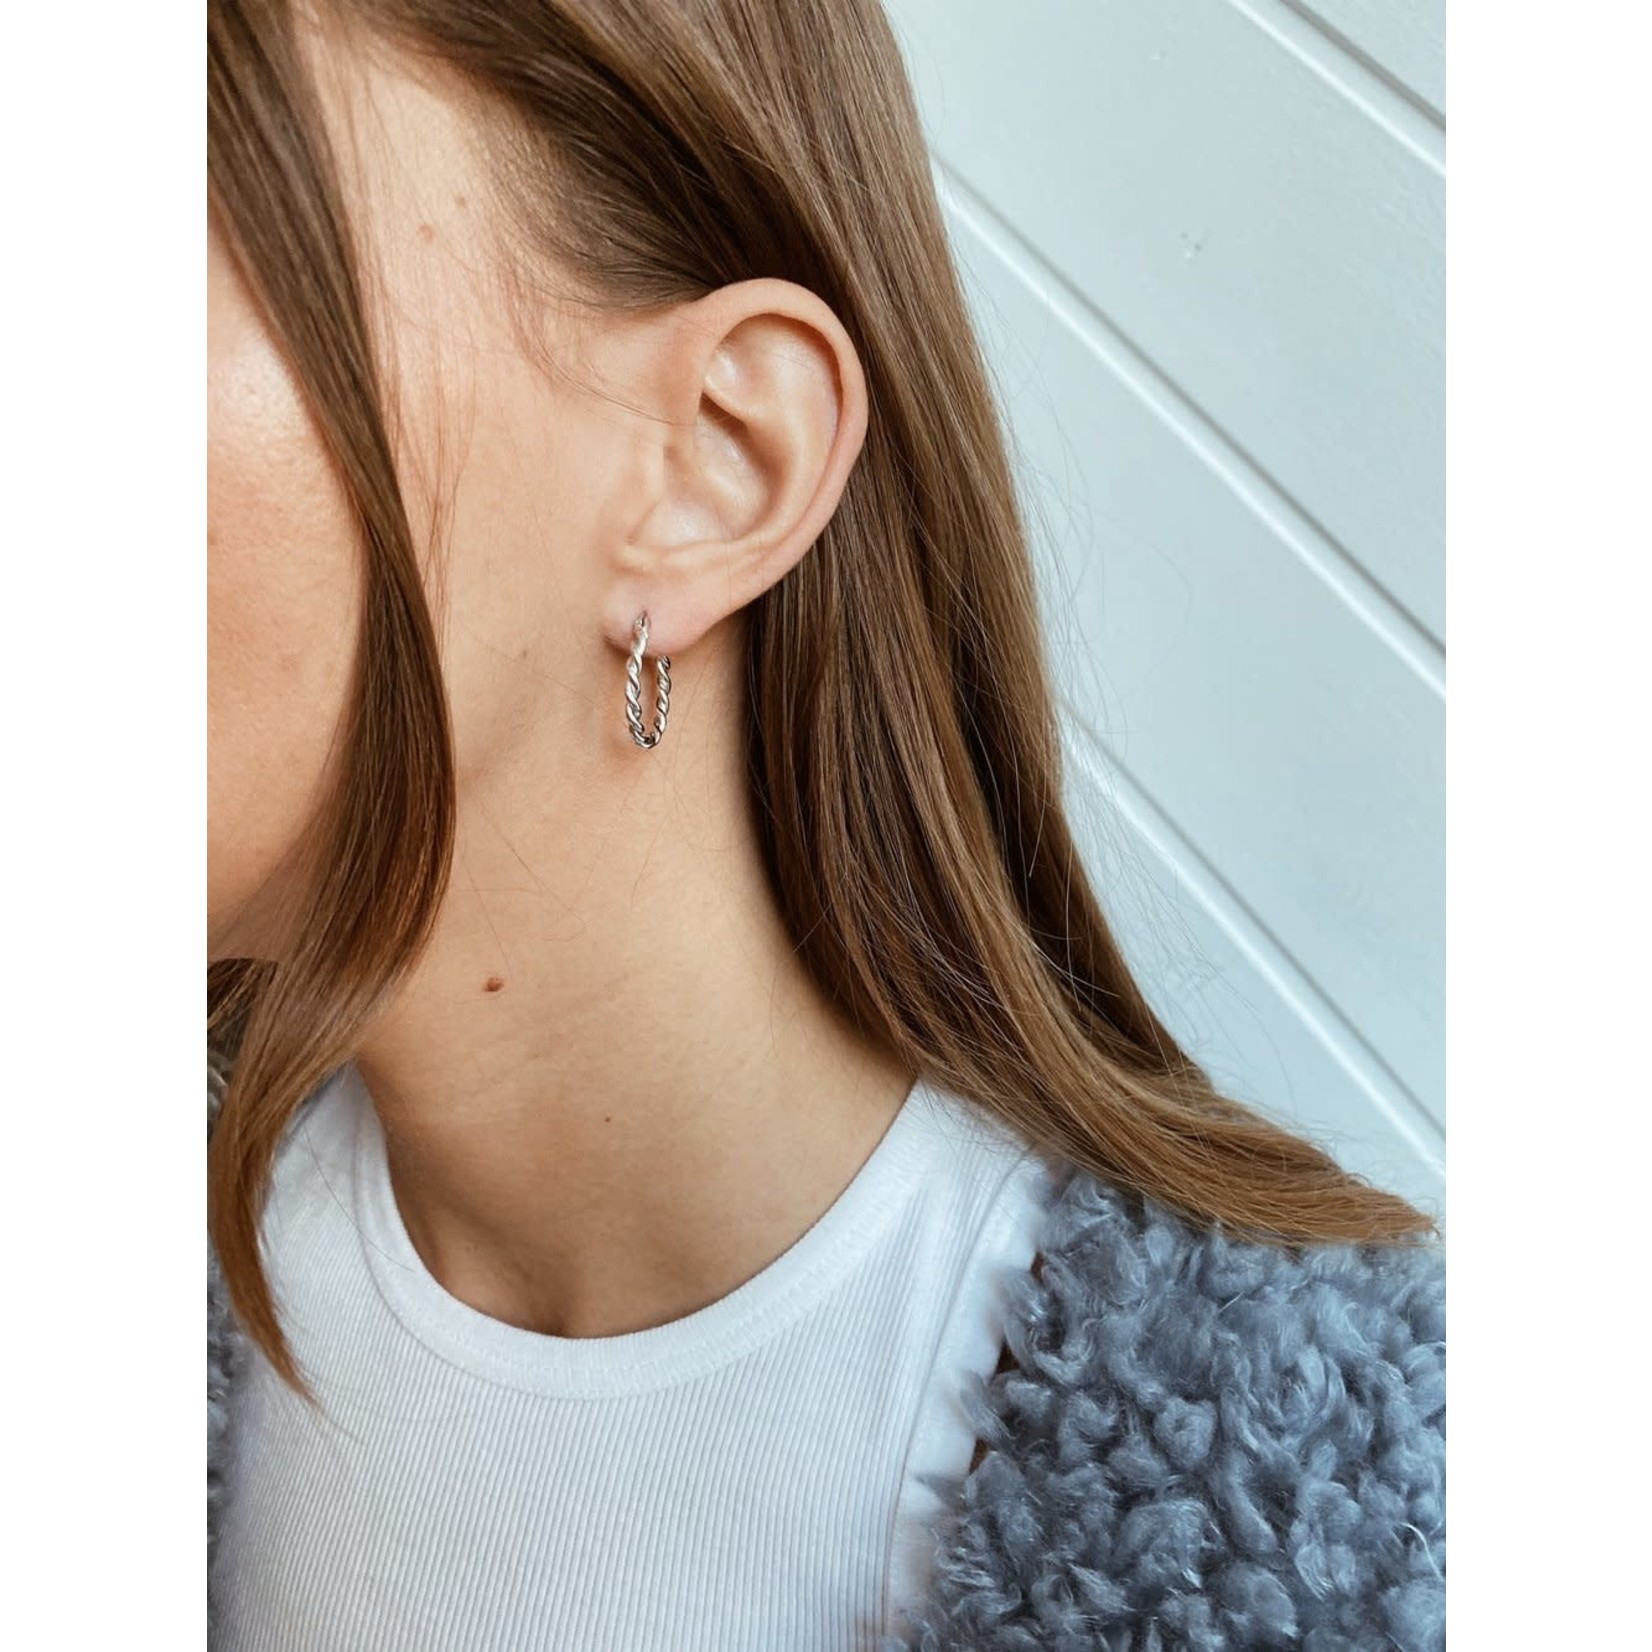 Horace Jewelry Horace boucles d'oreilles TORSADA